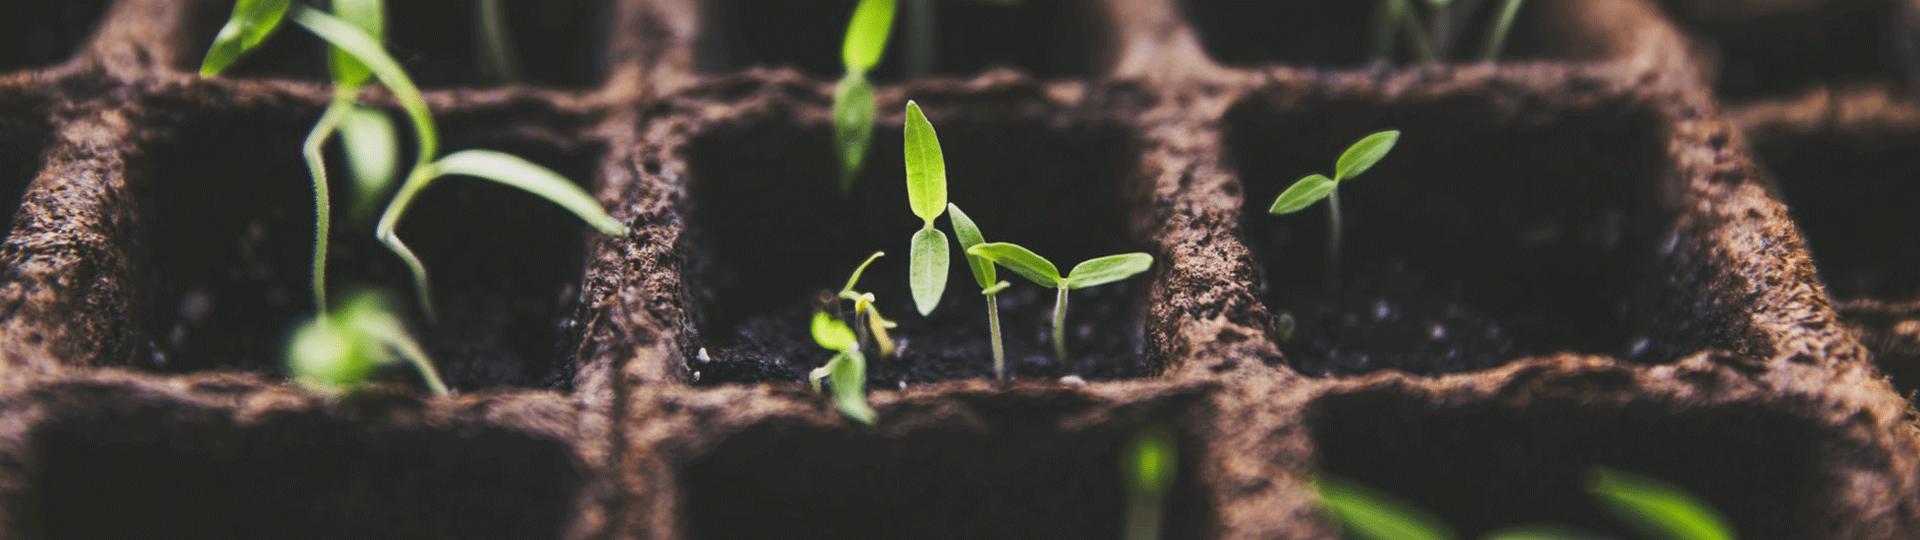 Grow-Instagram